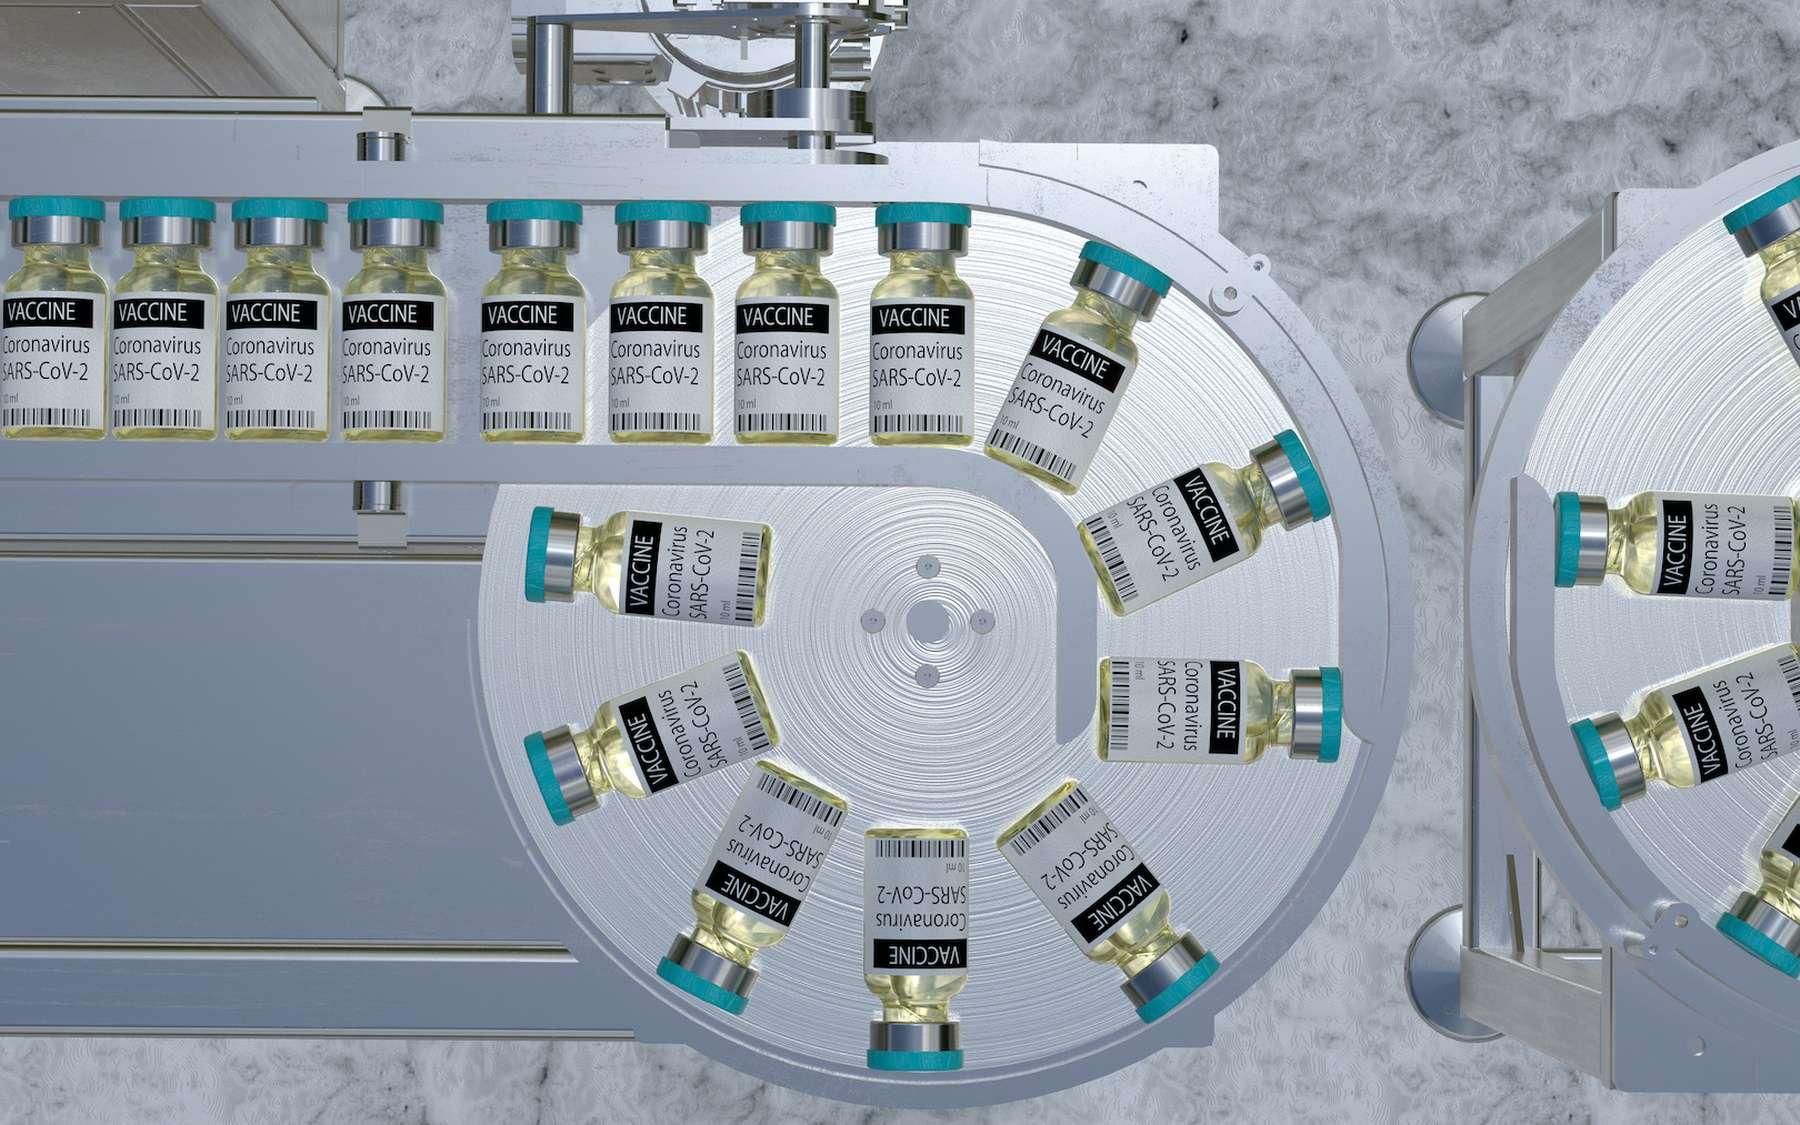 La fabrication de vaccins à grande échelle n'est pas si facile que ça. © Mike Mareen, Adobe Stock